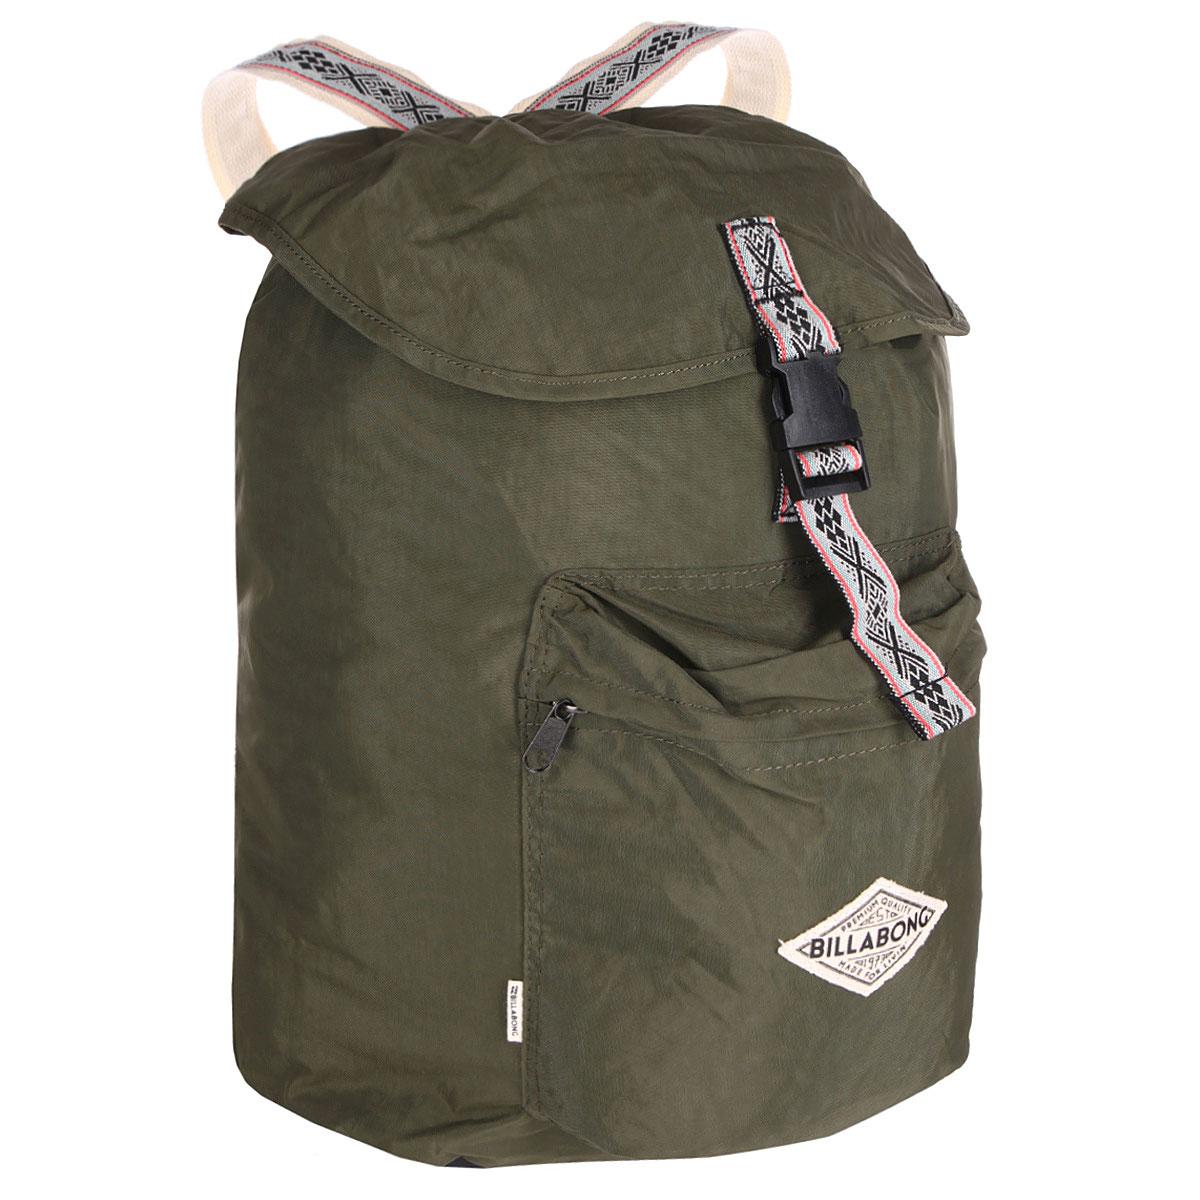 Рюкзак городской Billabong Sister Solstice, цвет: зеленый, 30 лU9BP02Вместительный рюкзак-мешок, декорированный узорными лямками. Основное отделение рюкзака затягивается на шнурок и дополнительно защищено клапаном на пряжке благодаря чему Ваше имущество будет надежно защищено от посторонних посягательств.